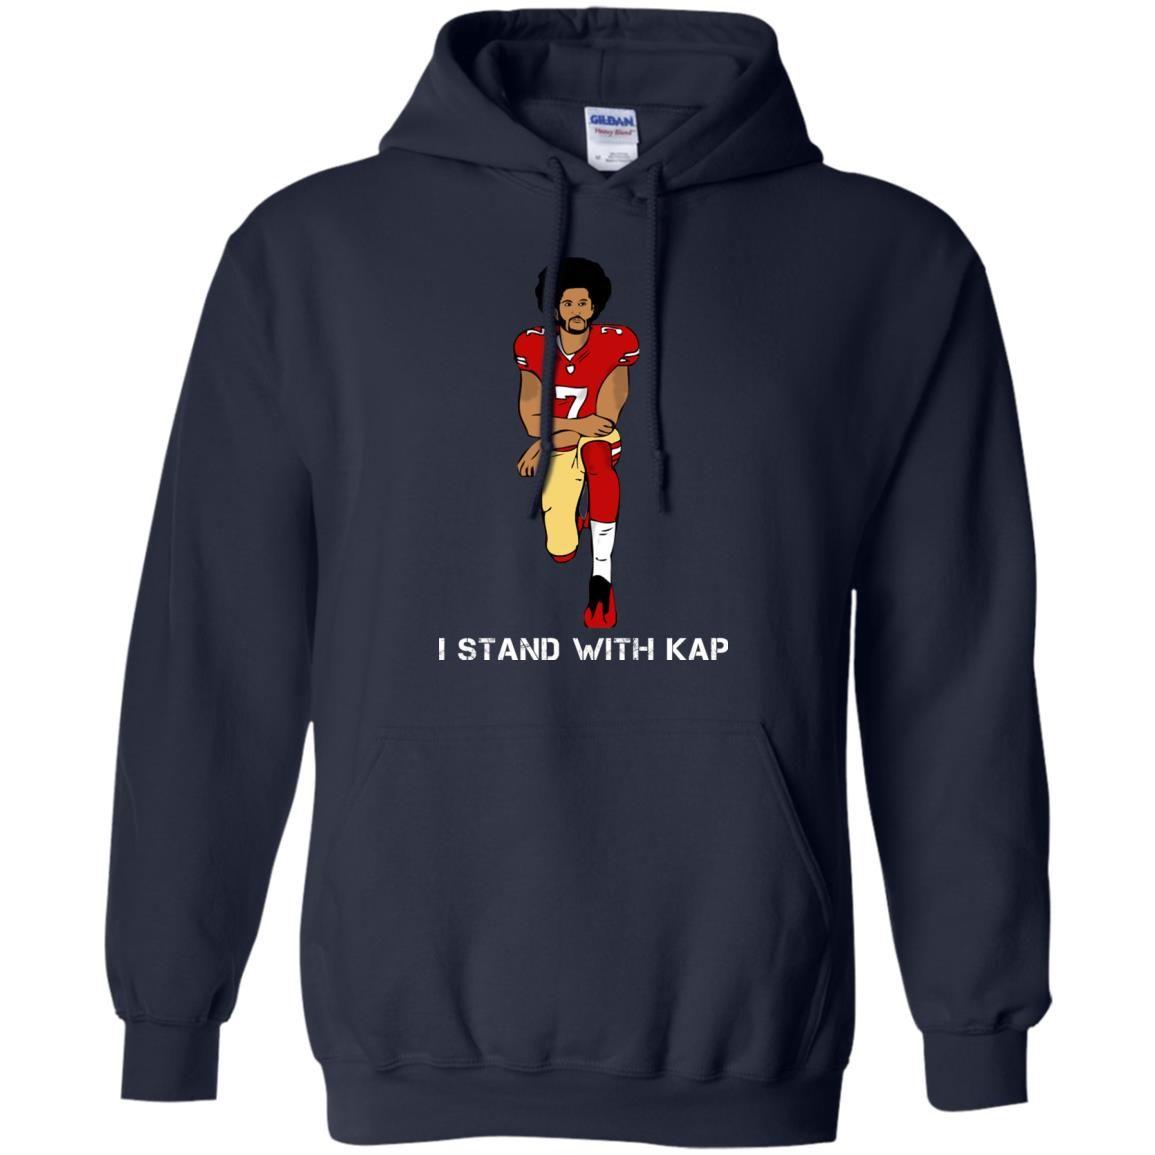 image 1939 - I stand with Kap shirt, hoodie